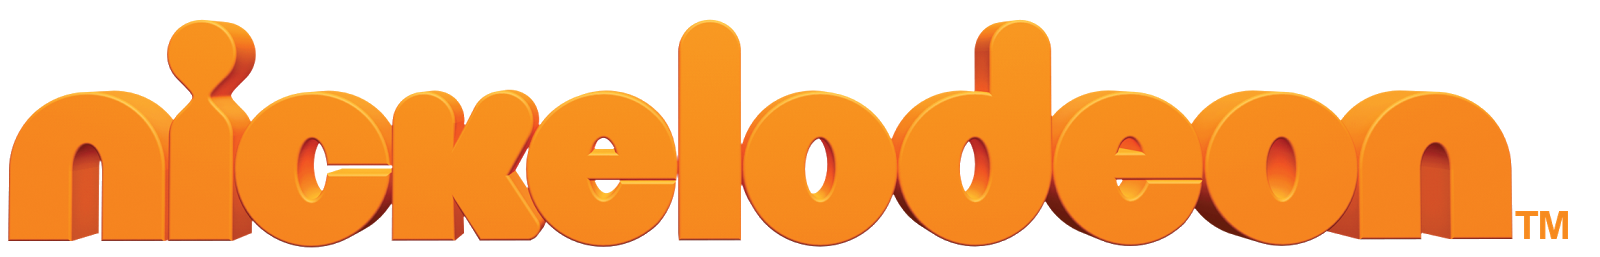 Nickelodeon - #agorananick